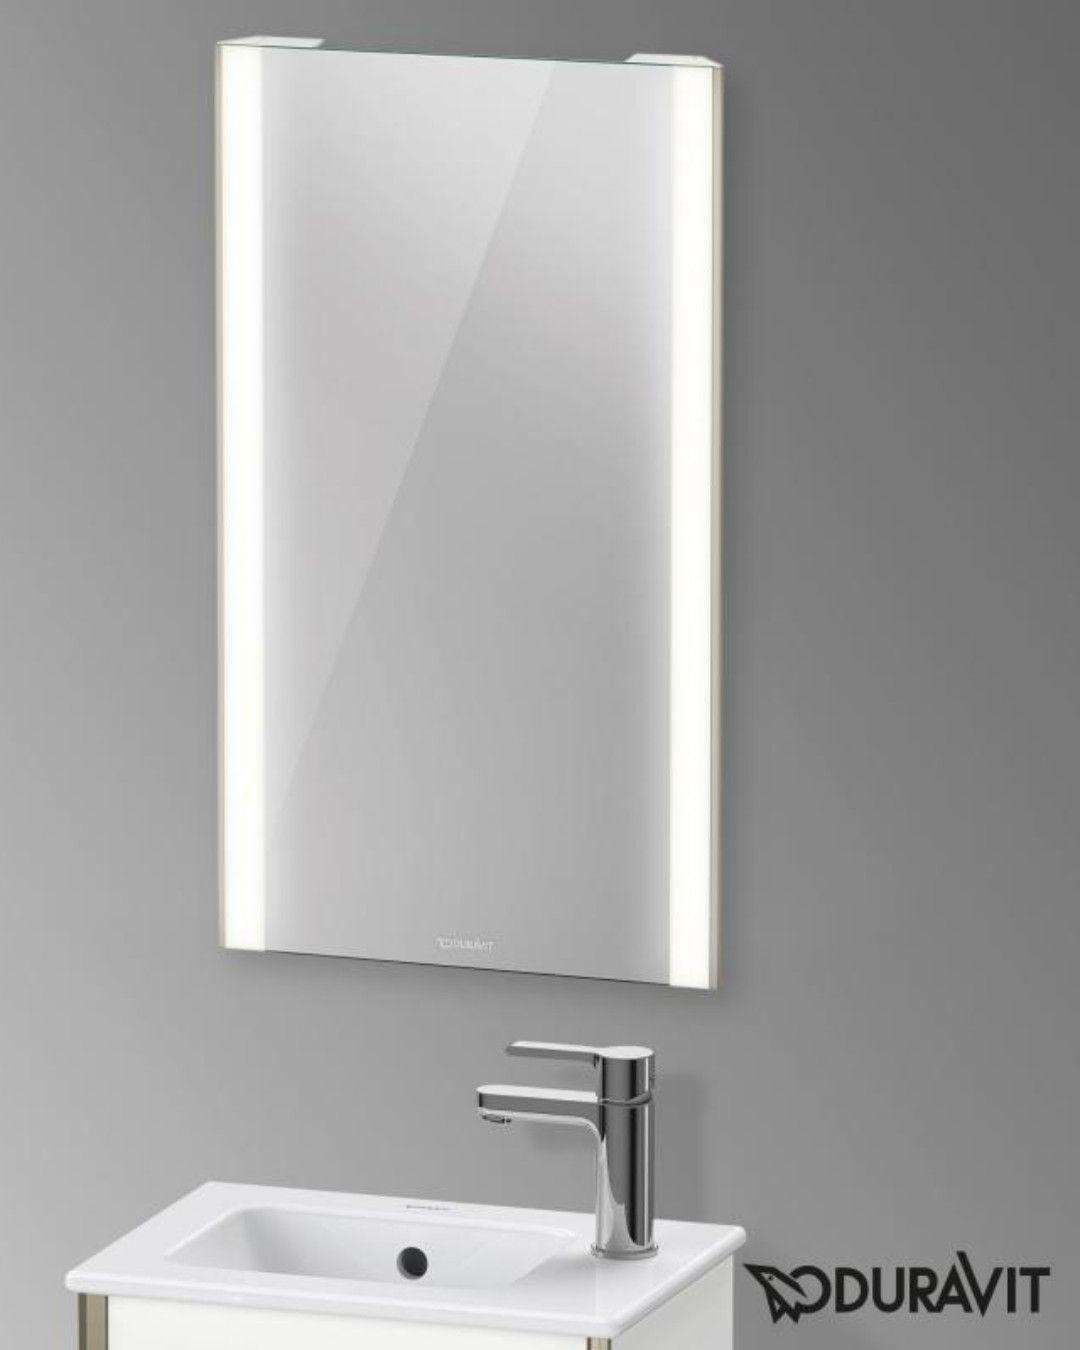 Badspiegel Mit Led Beleuchtung Kaufen New York Mit Bildern Badspiegel Spiegel Mit Beleuchtung